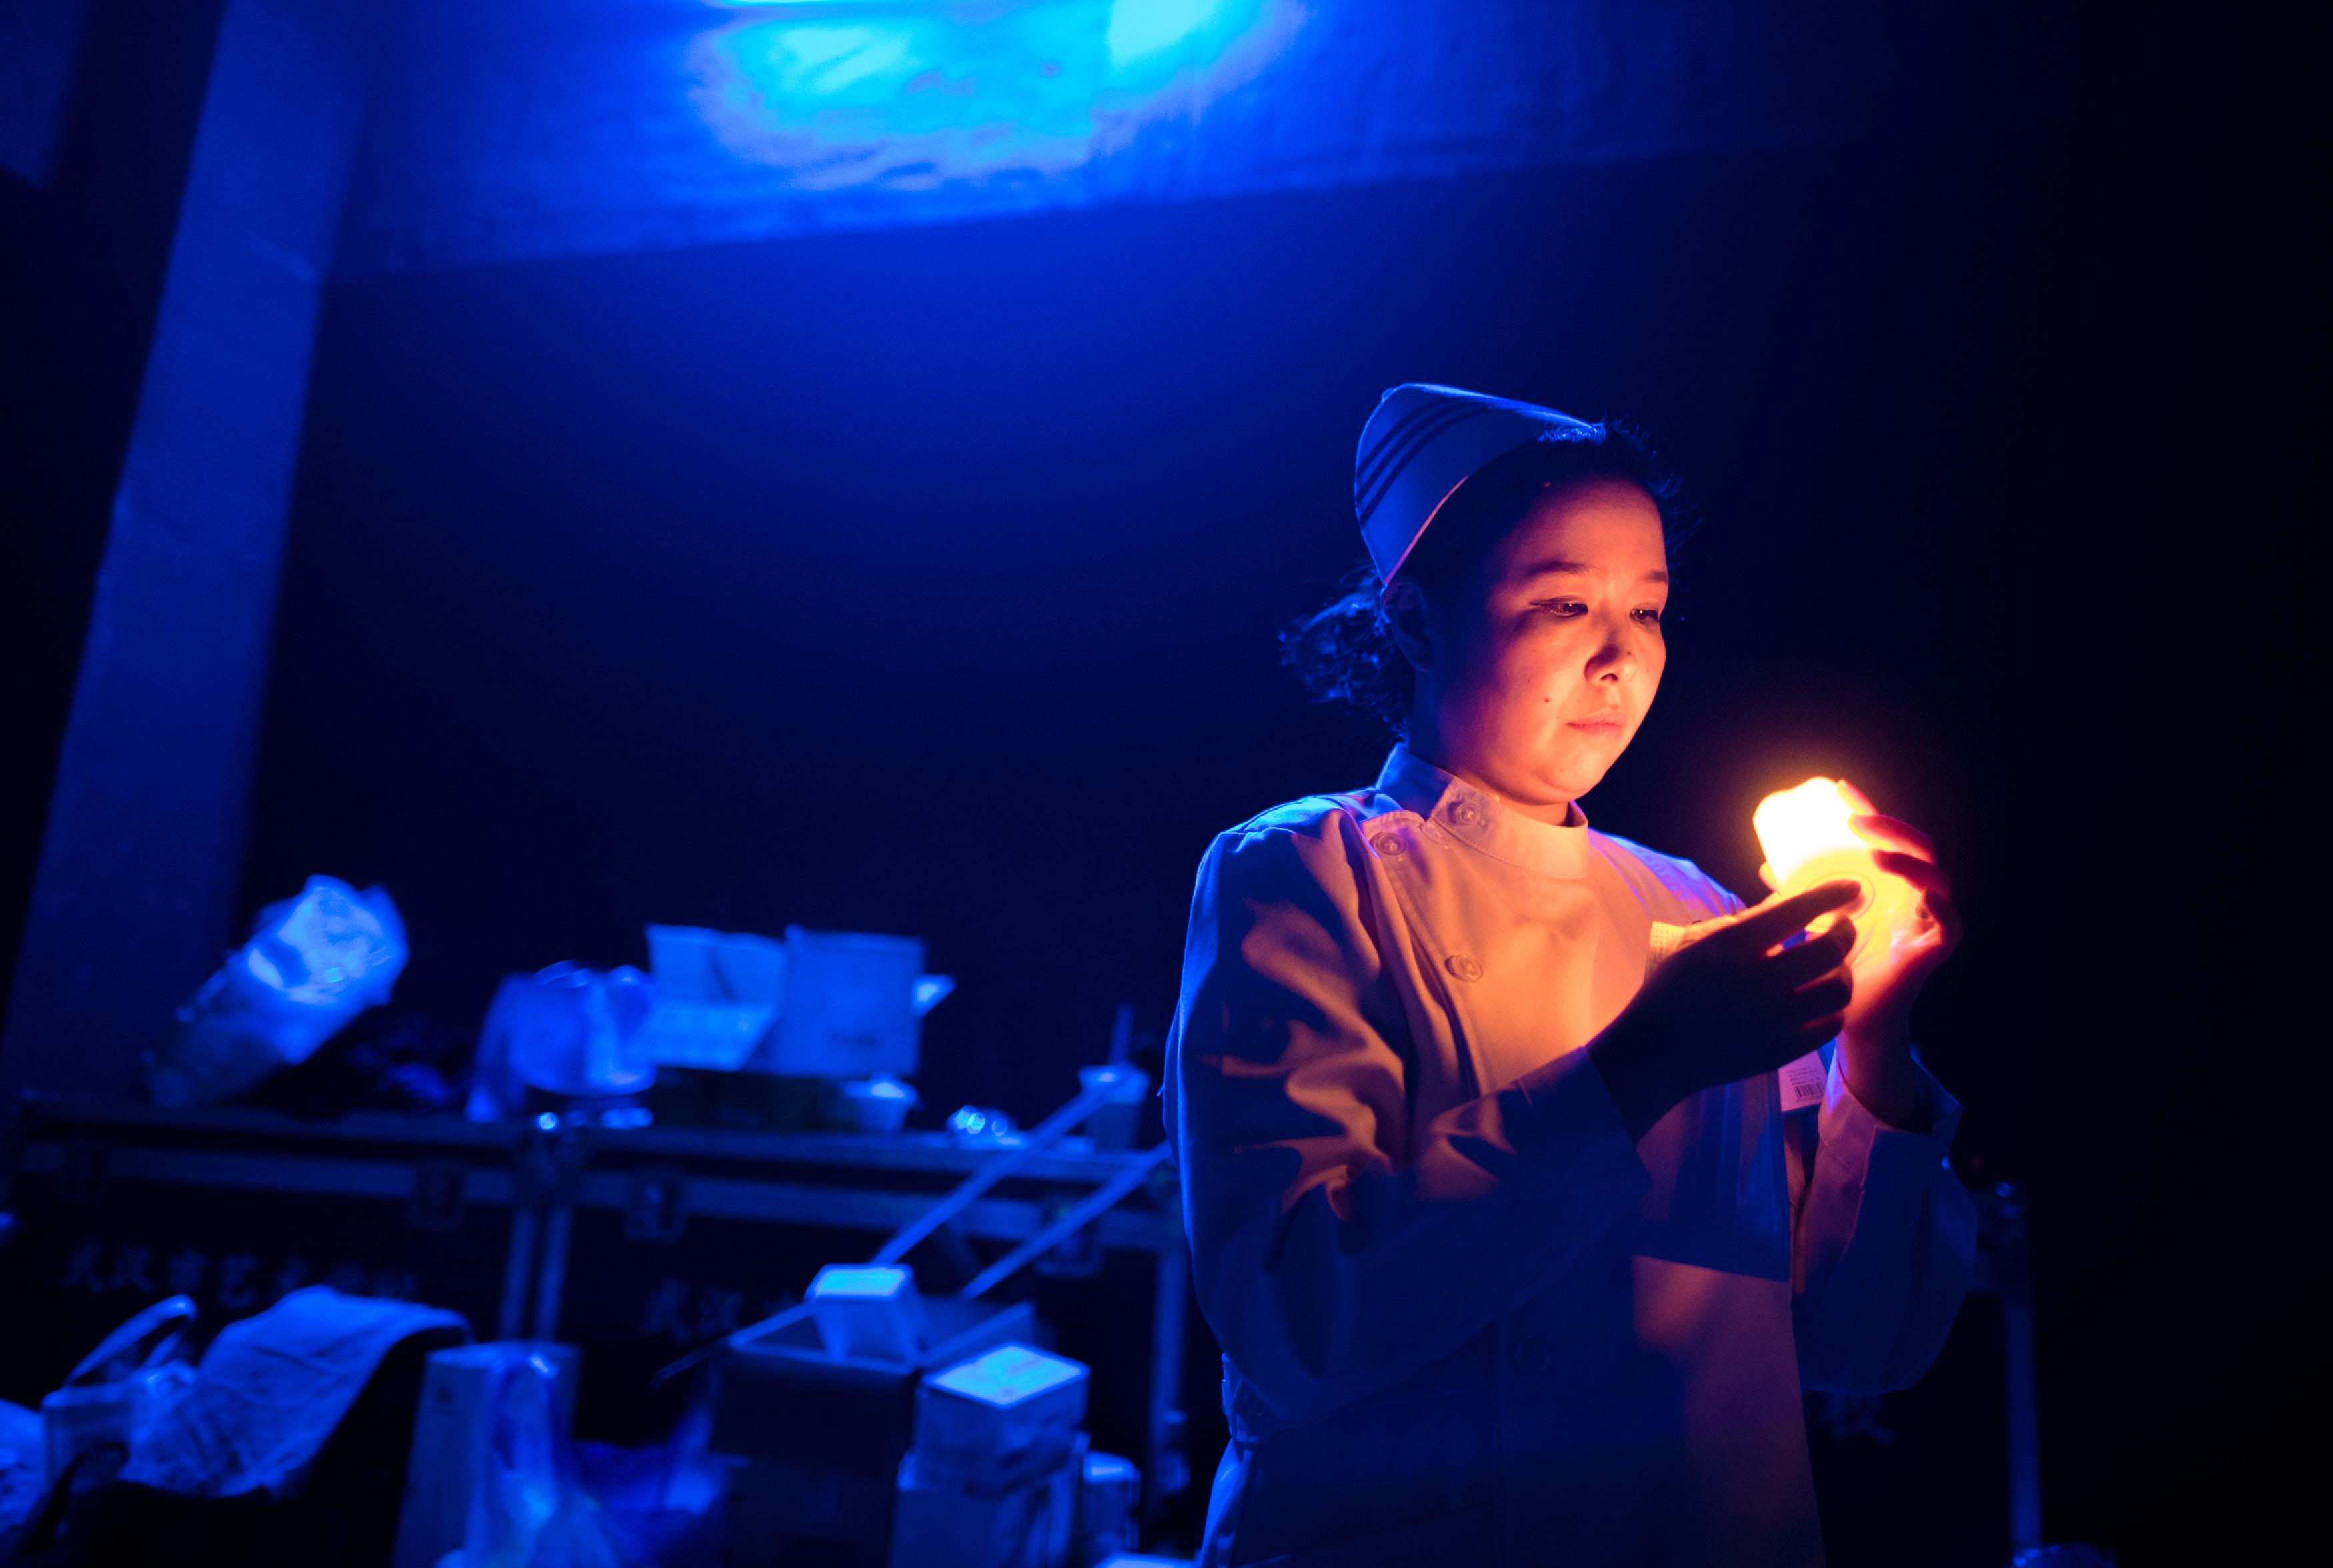 新型コロナ、中国本土で新たに10人感染確認 すべて輸入症例